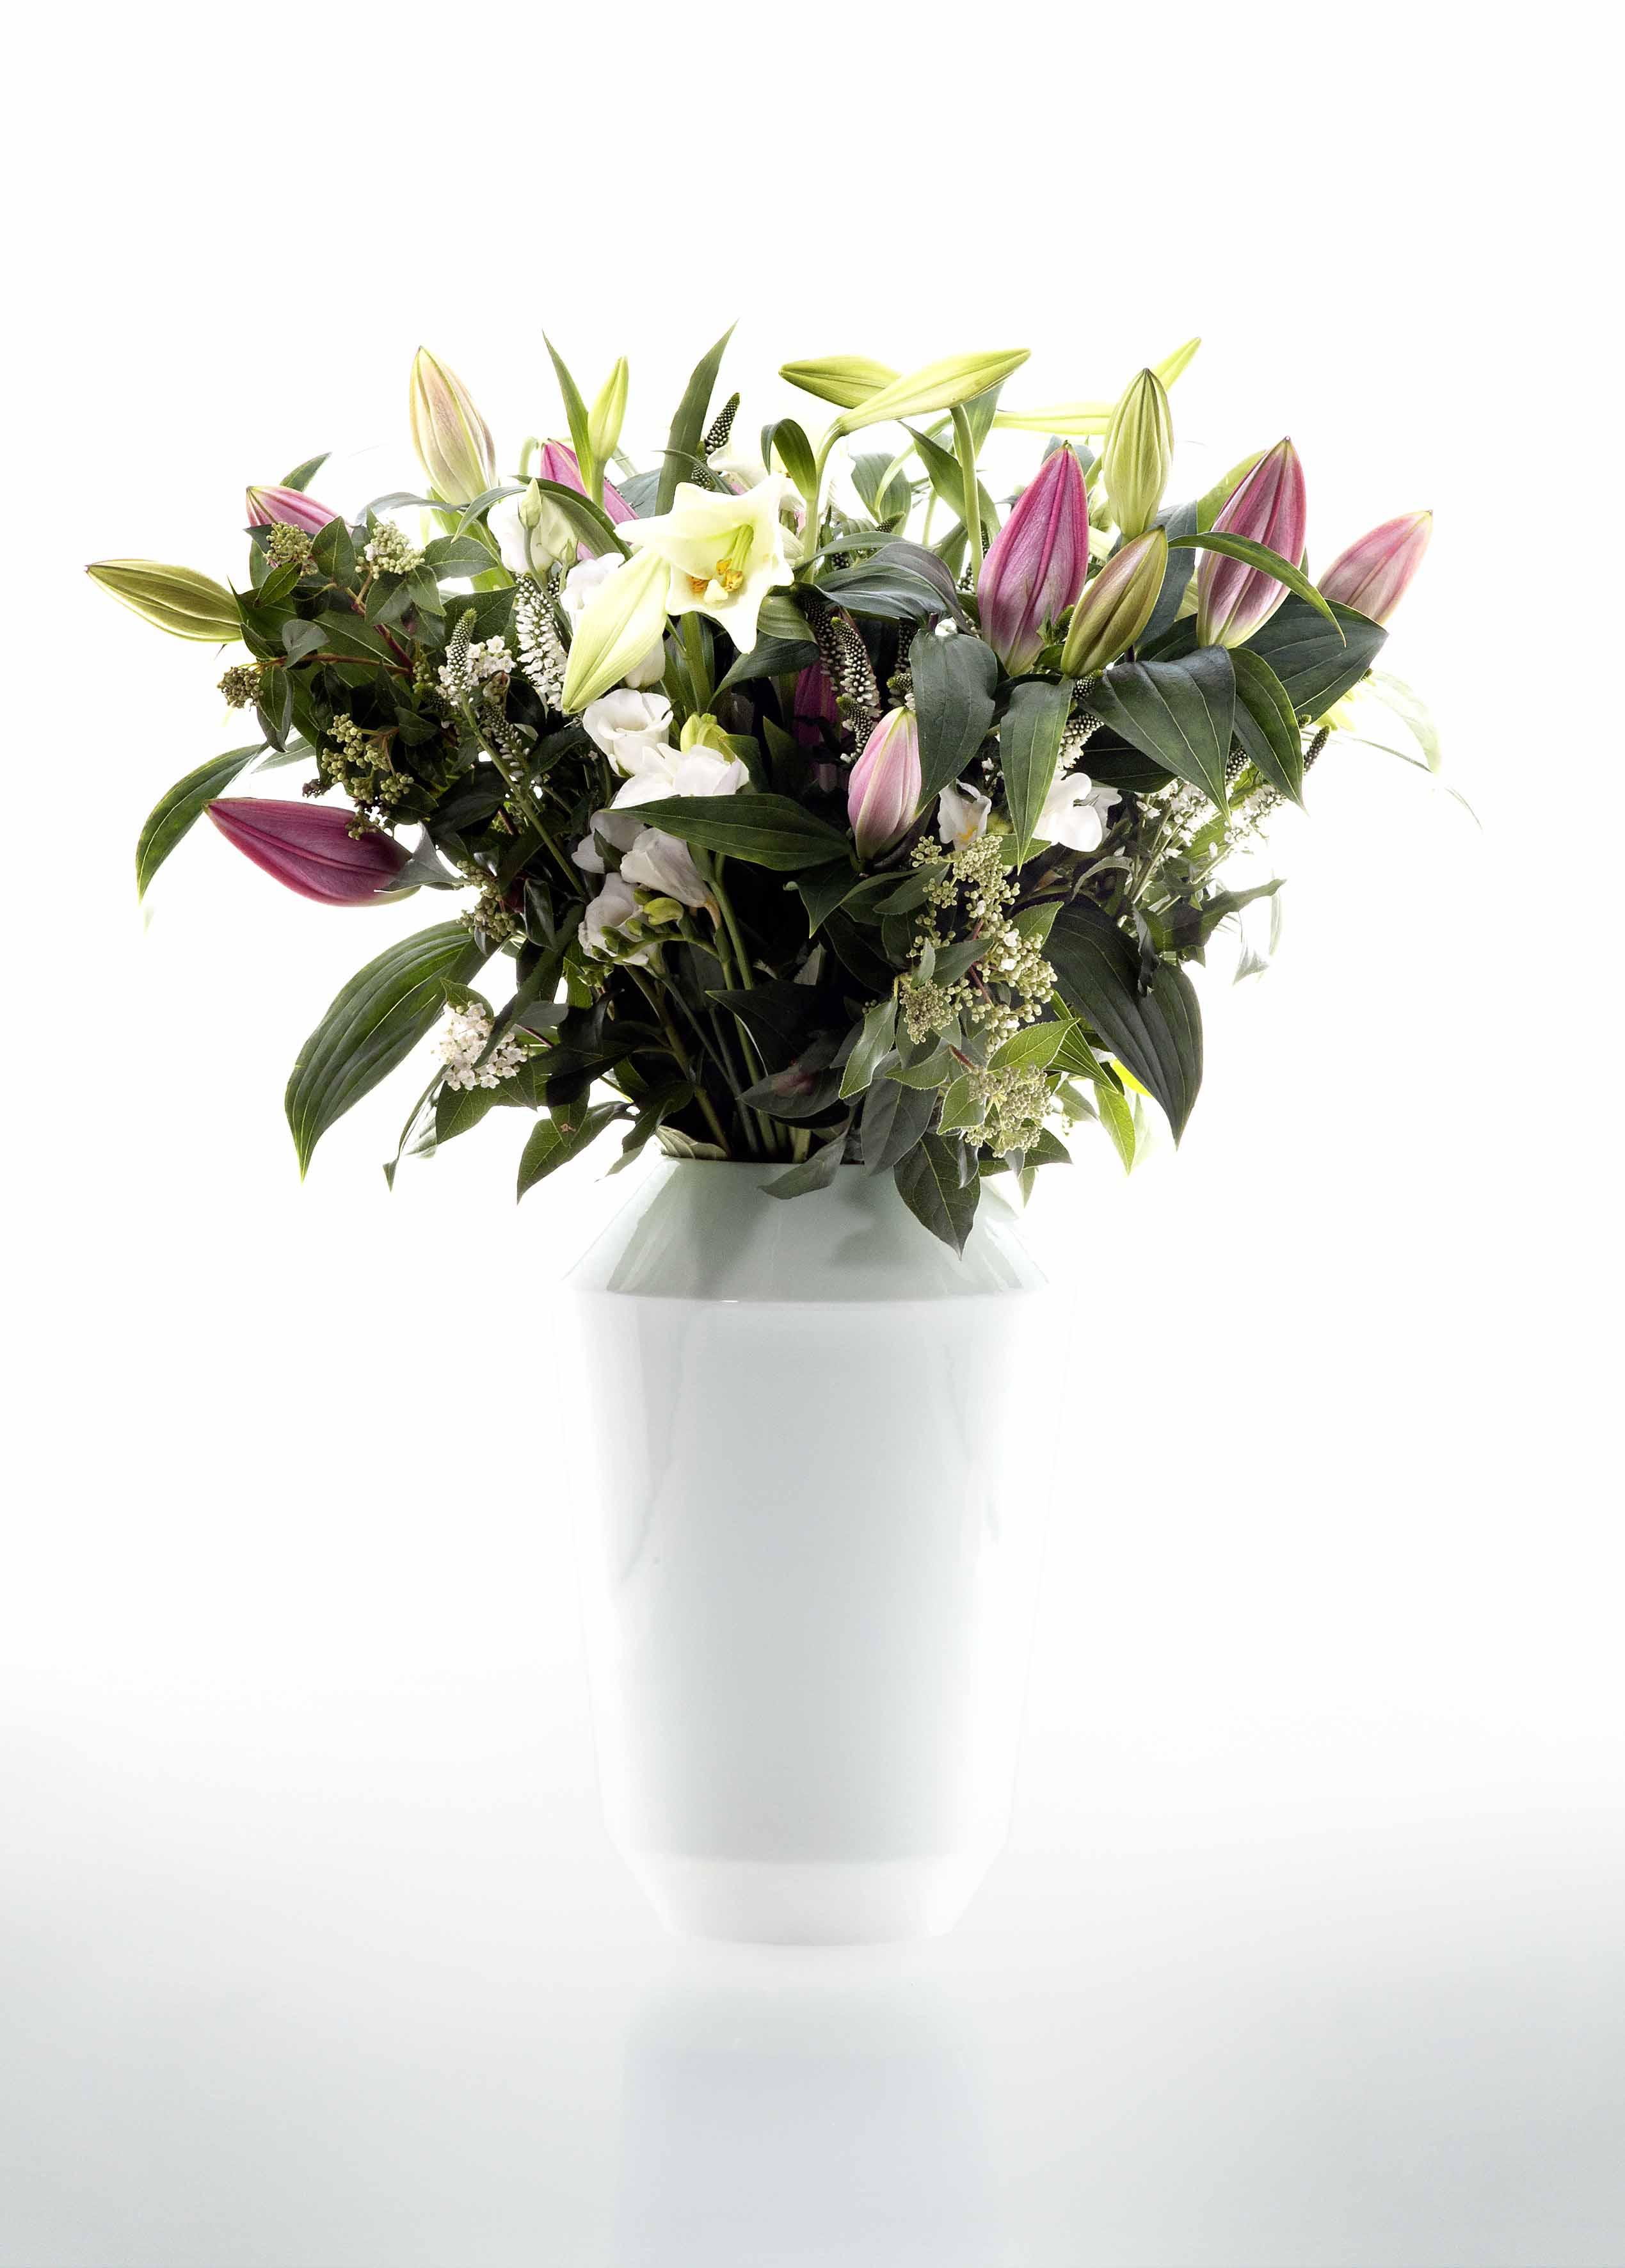 Weiße Vase gefüllt mit einem Blumenstrauß